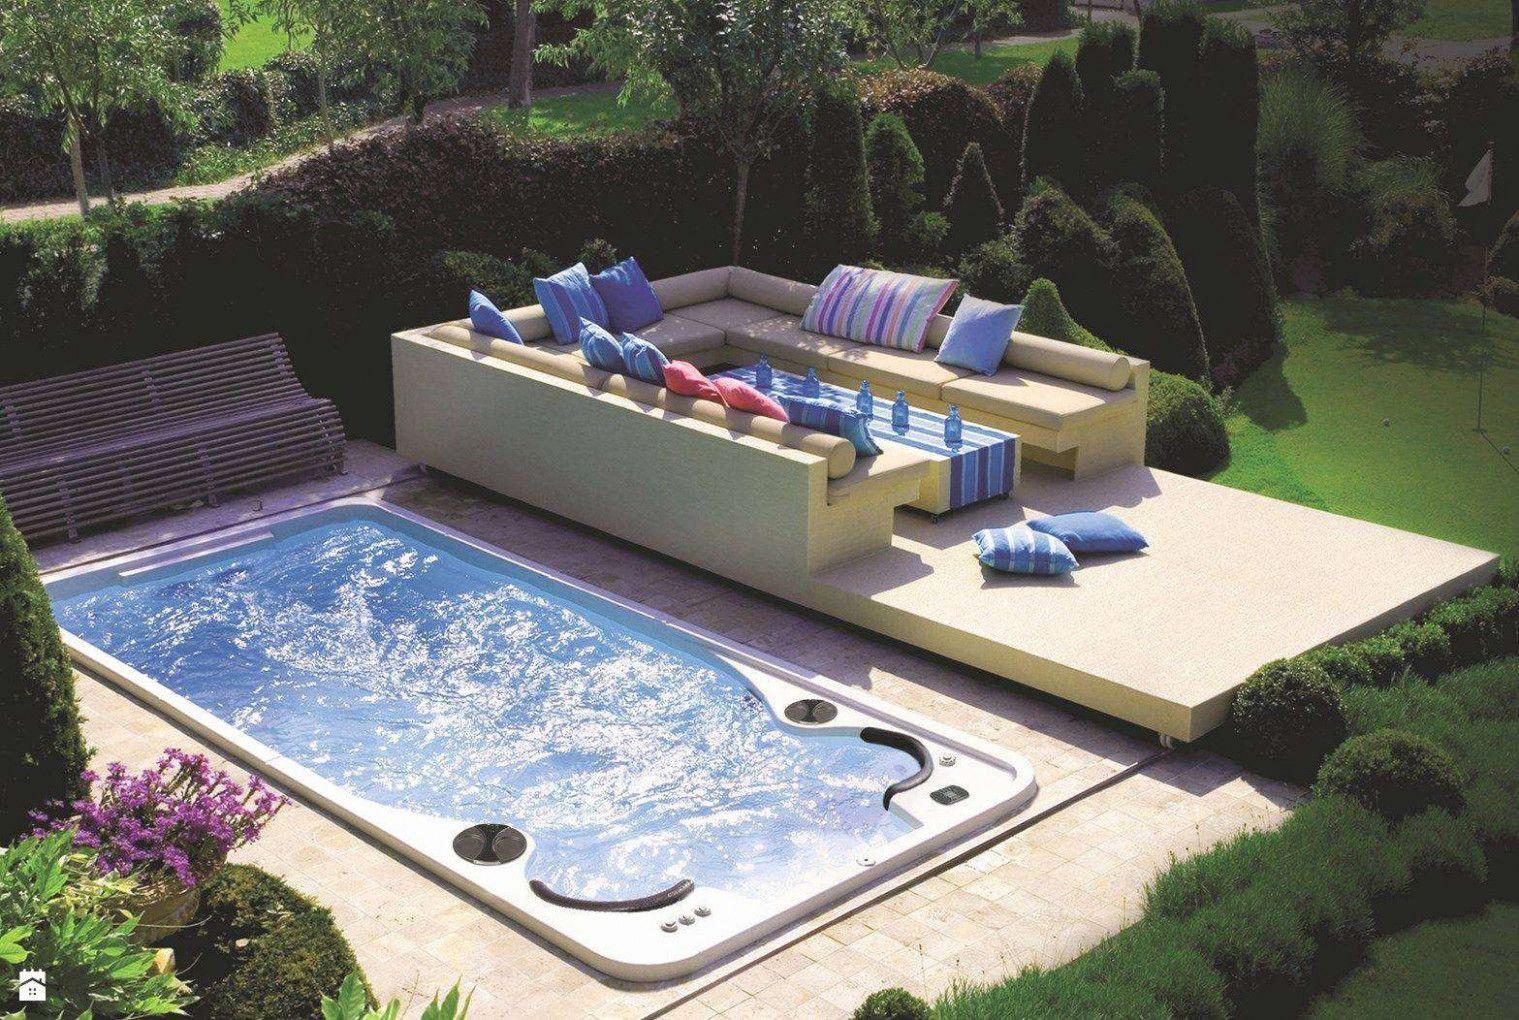 Schaben Im Garten Wirlpool Outdoor Pool Dekor Swimming Pool